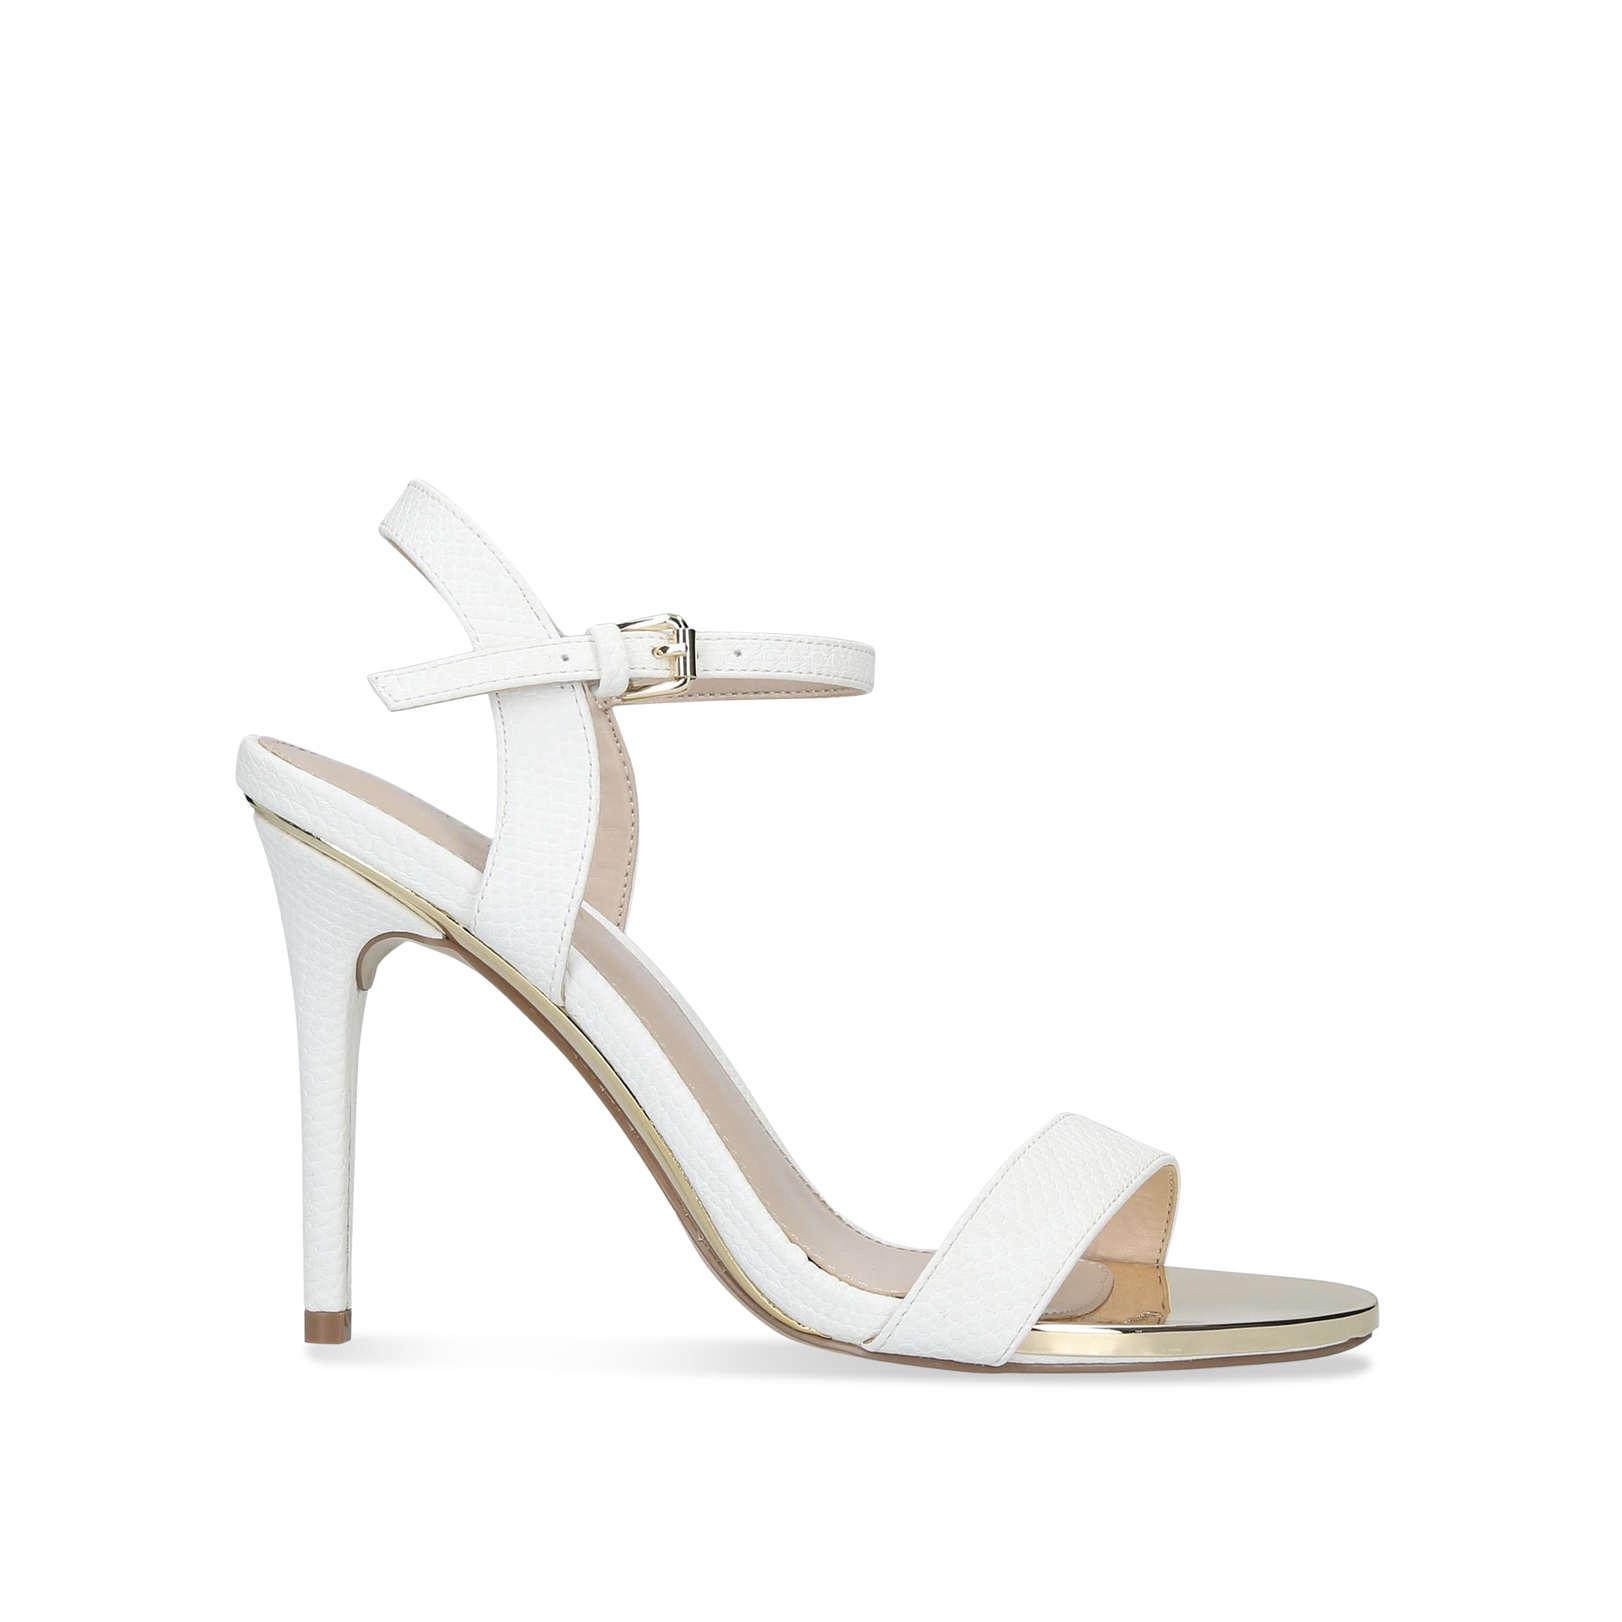 eeb251e44fb Livid Stiletto Heel Strappy Sandals